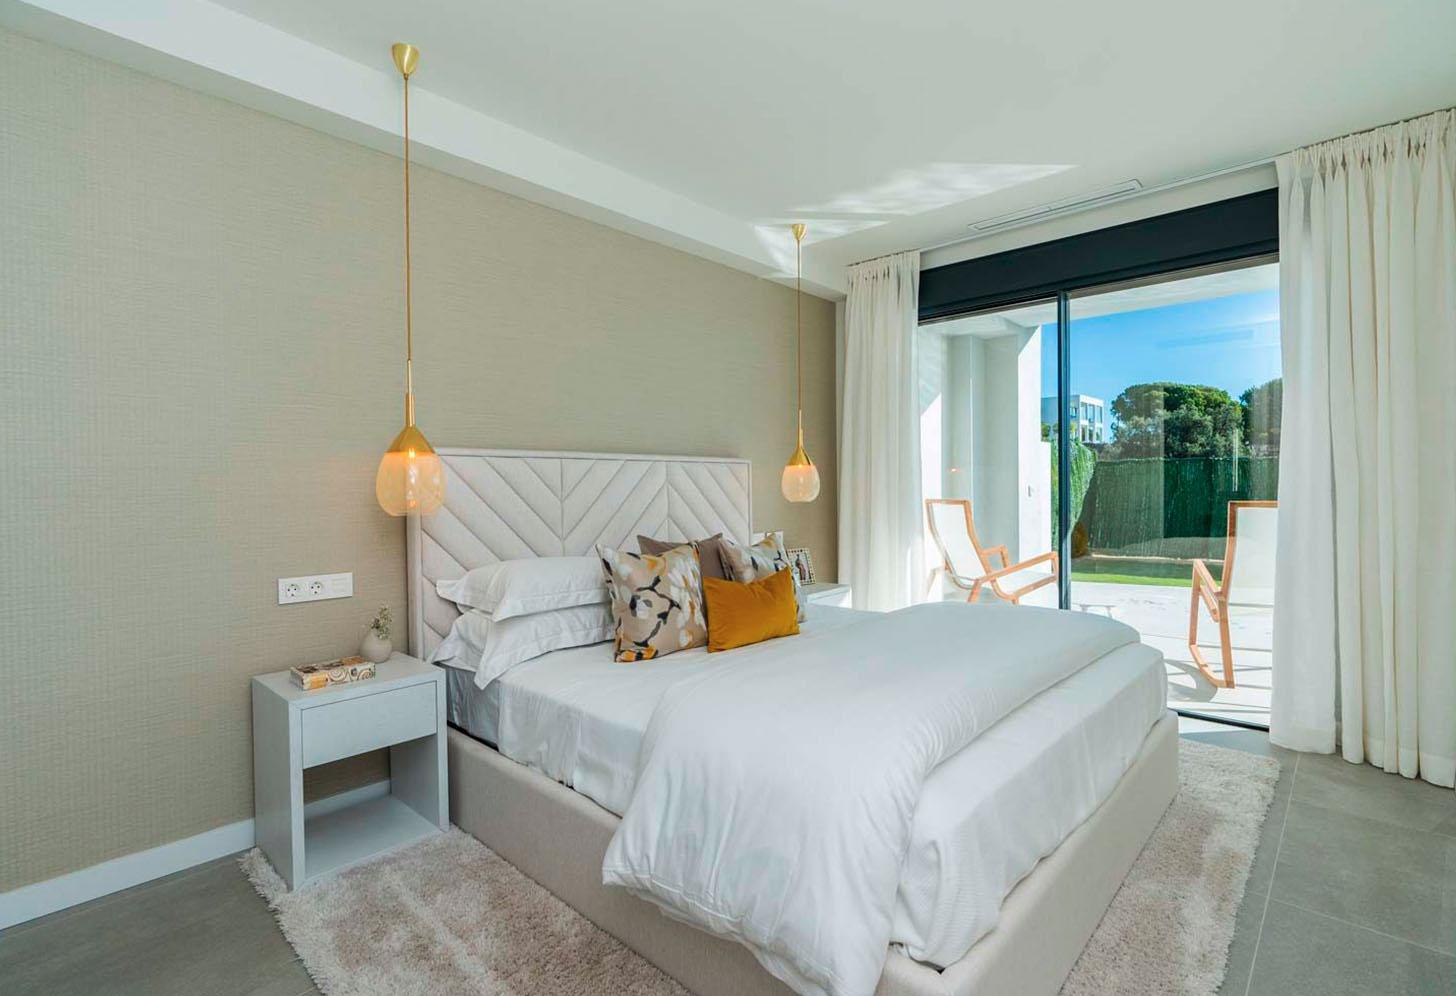 immobilier neuf espagne costa sol marbella chambre 3